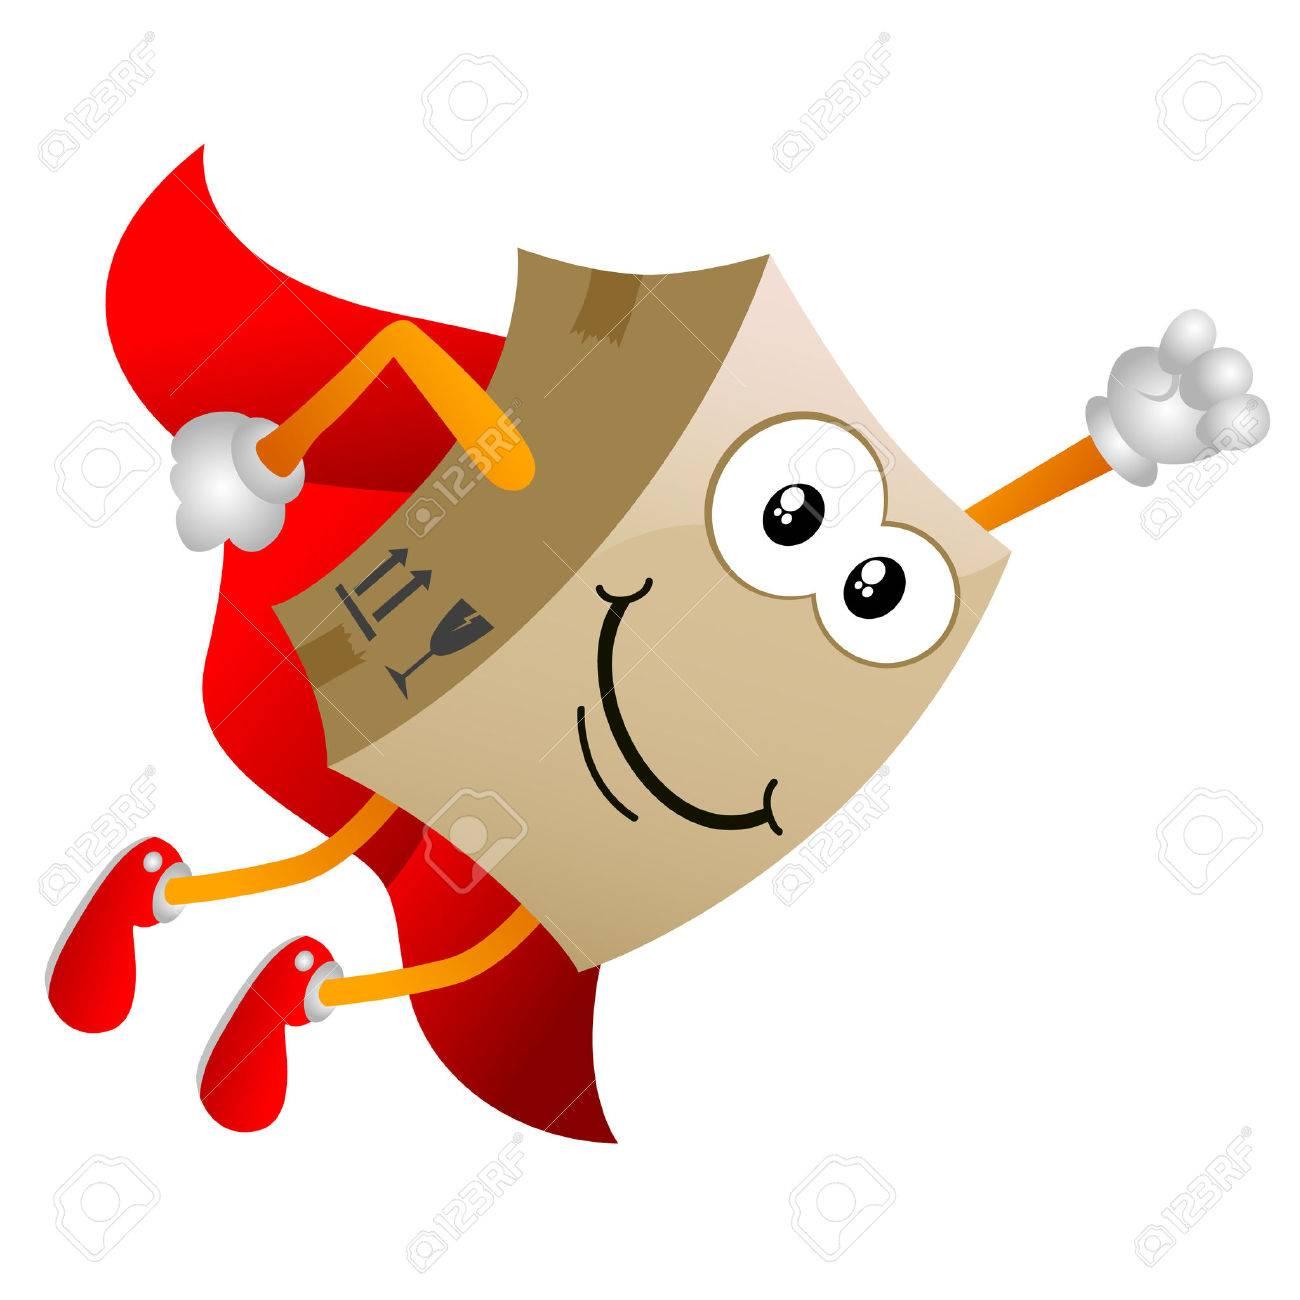 cardboard cartoon character - 8764911